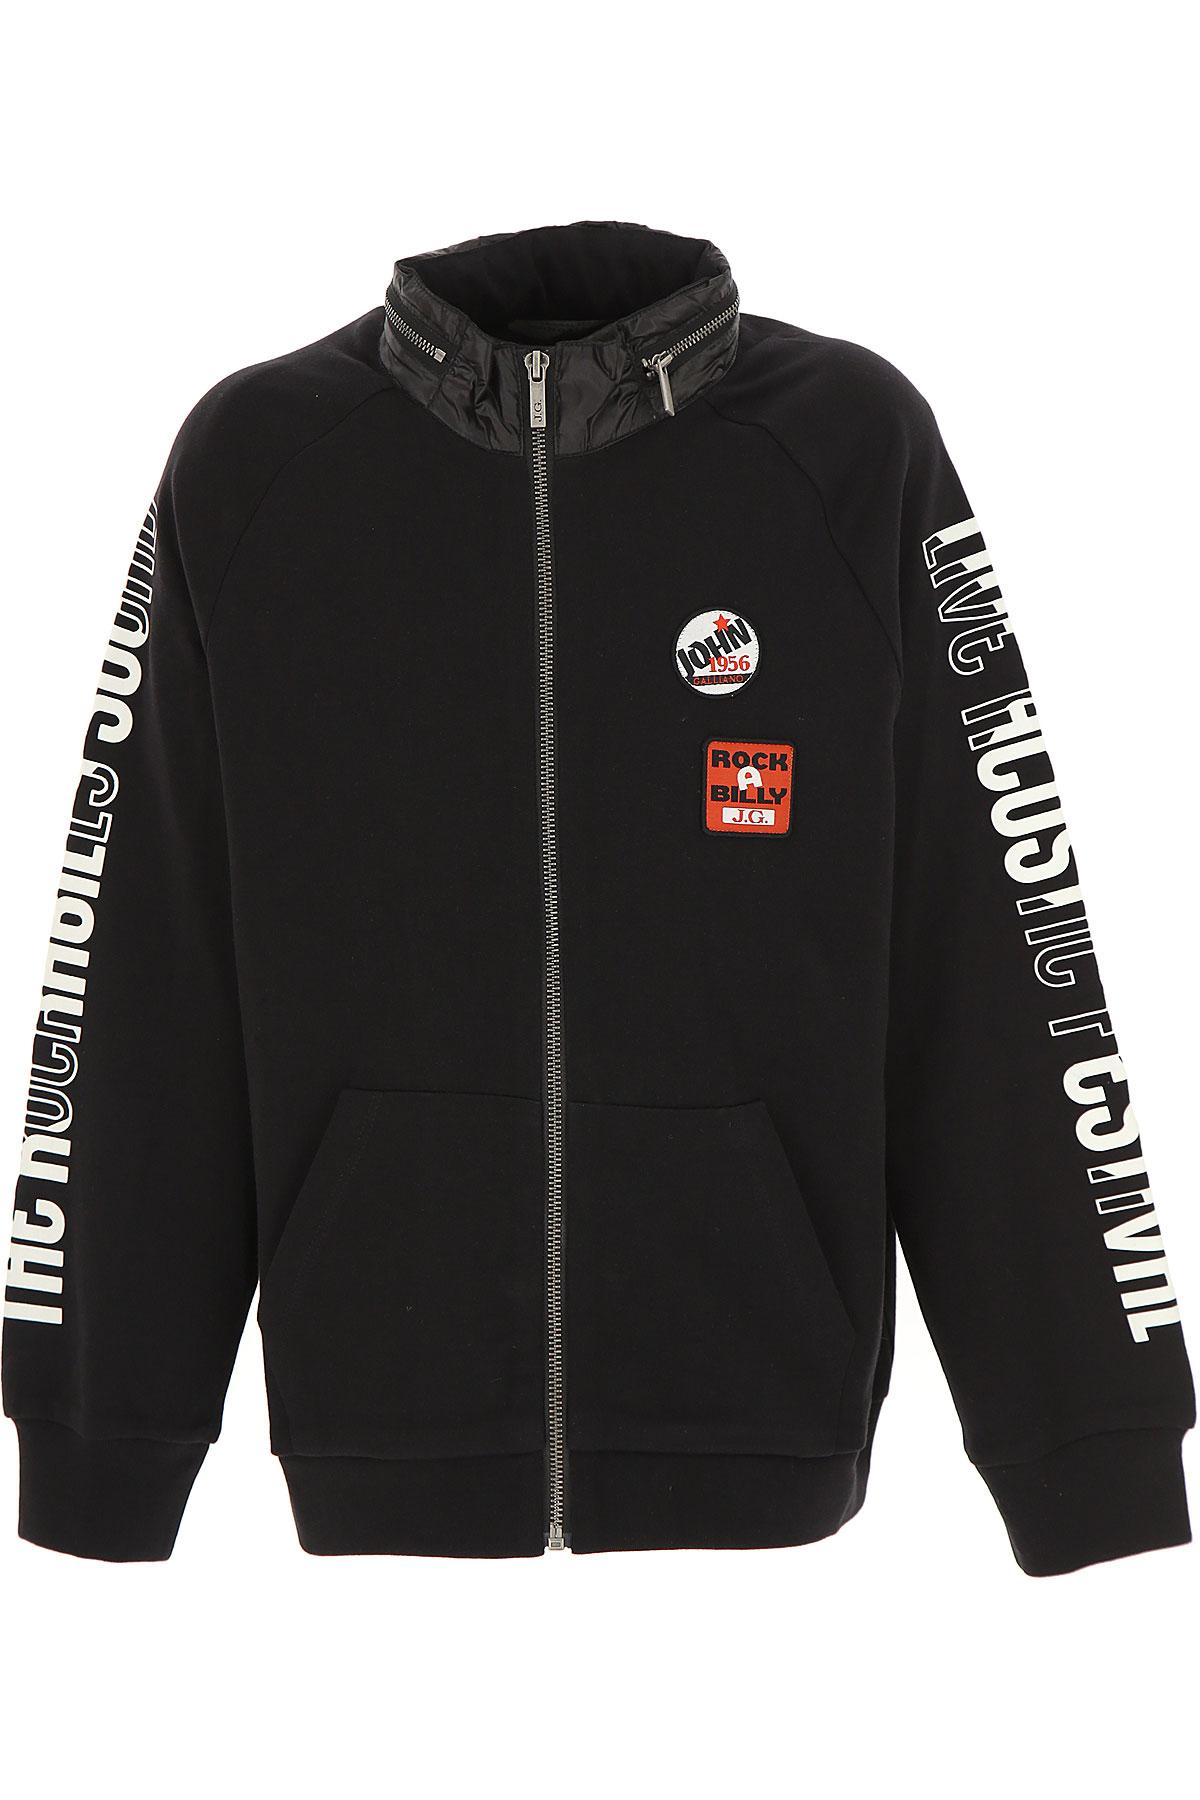 Galliano Kids Sweatshirts & Hoodies for Boys On Sale, Black, Cotton, 2019, 10Y 12Y 14Y 16Y 4Y 6Y 8Y